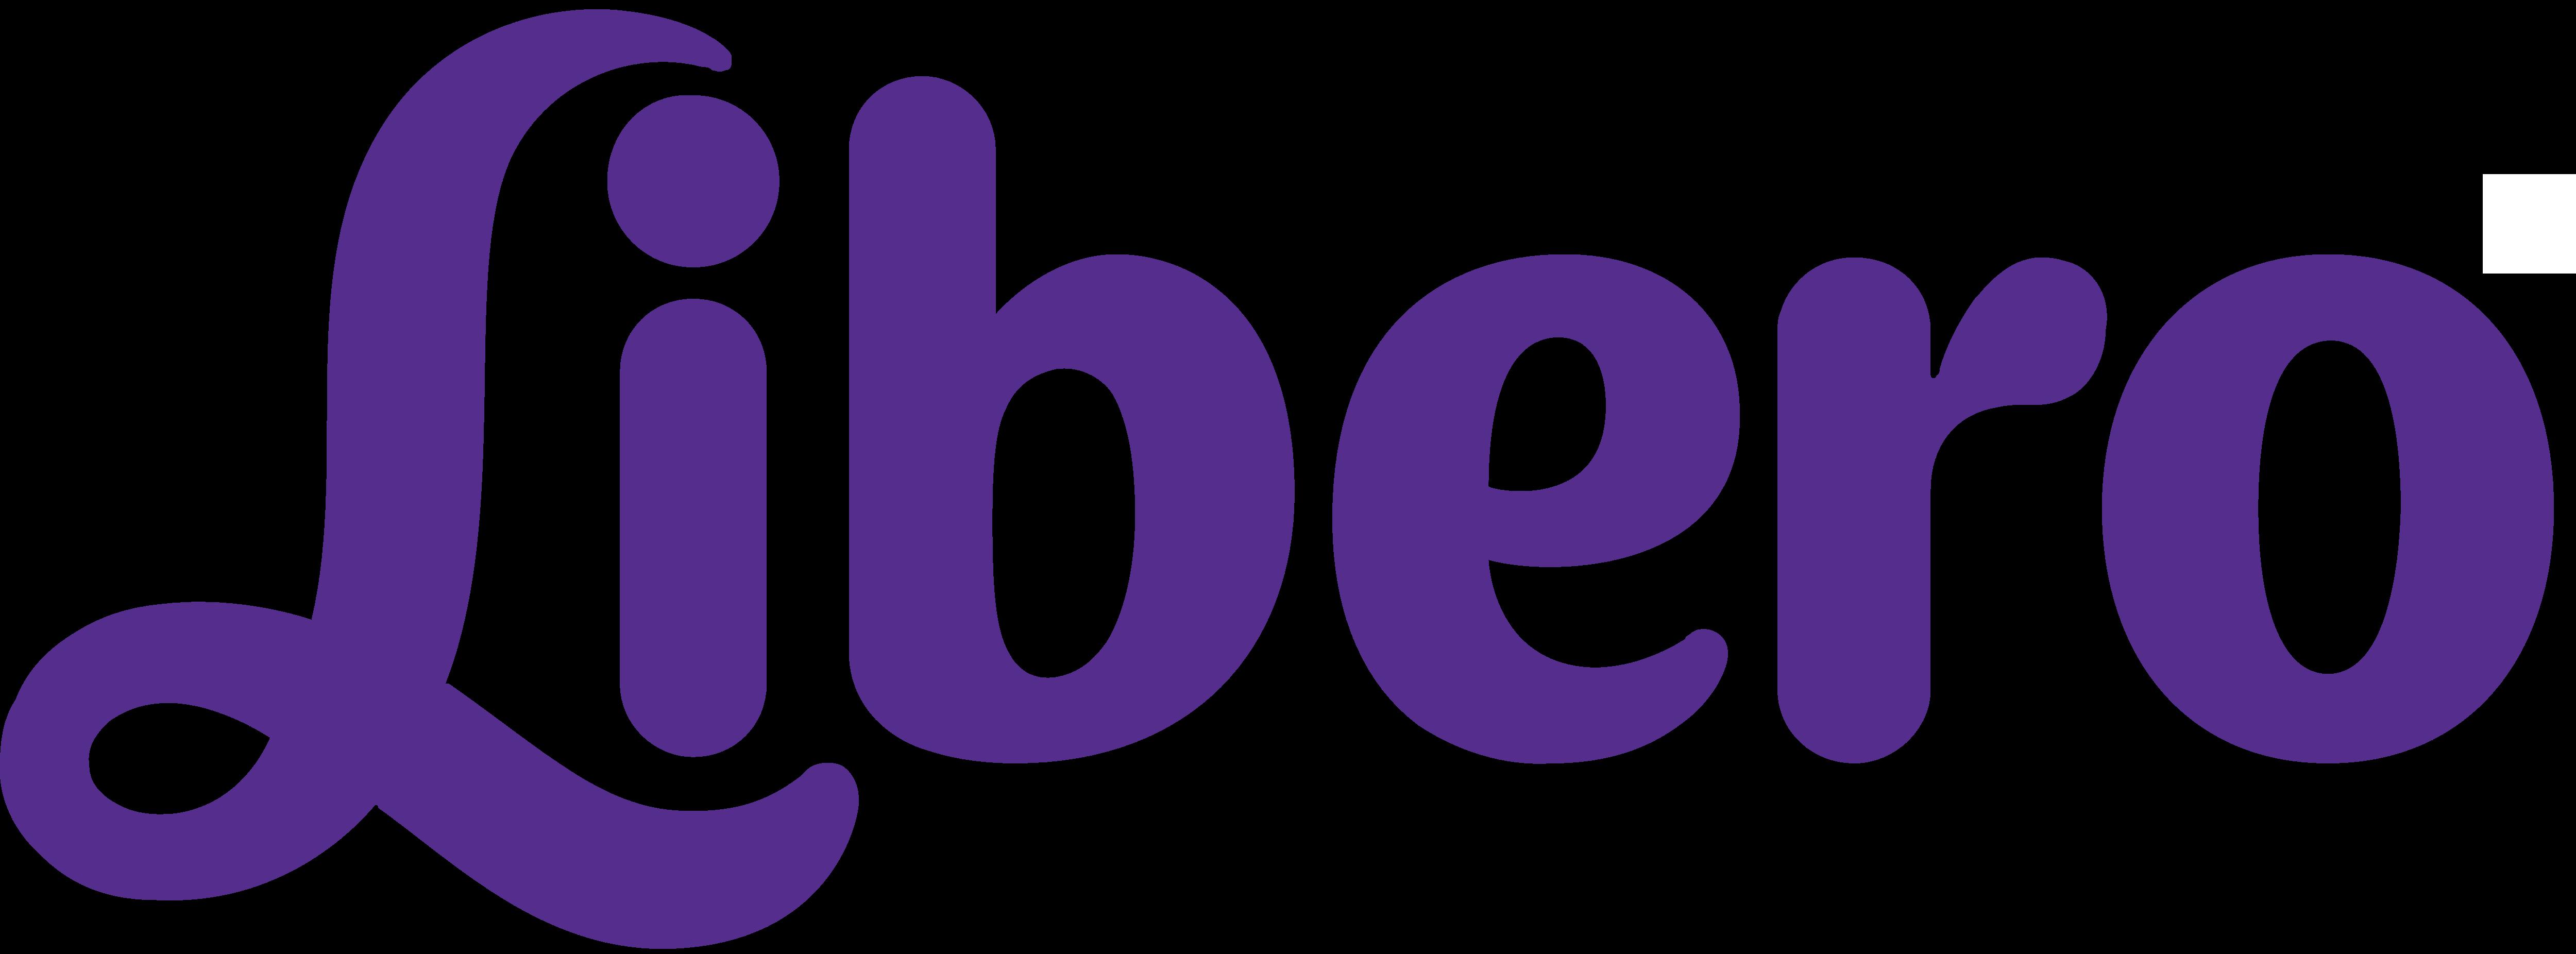 Libero – Logos Download